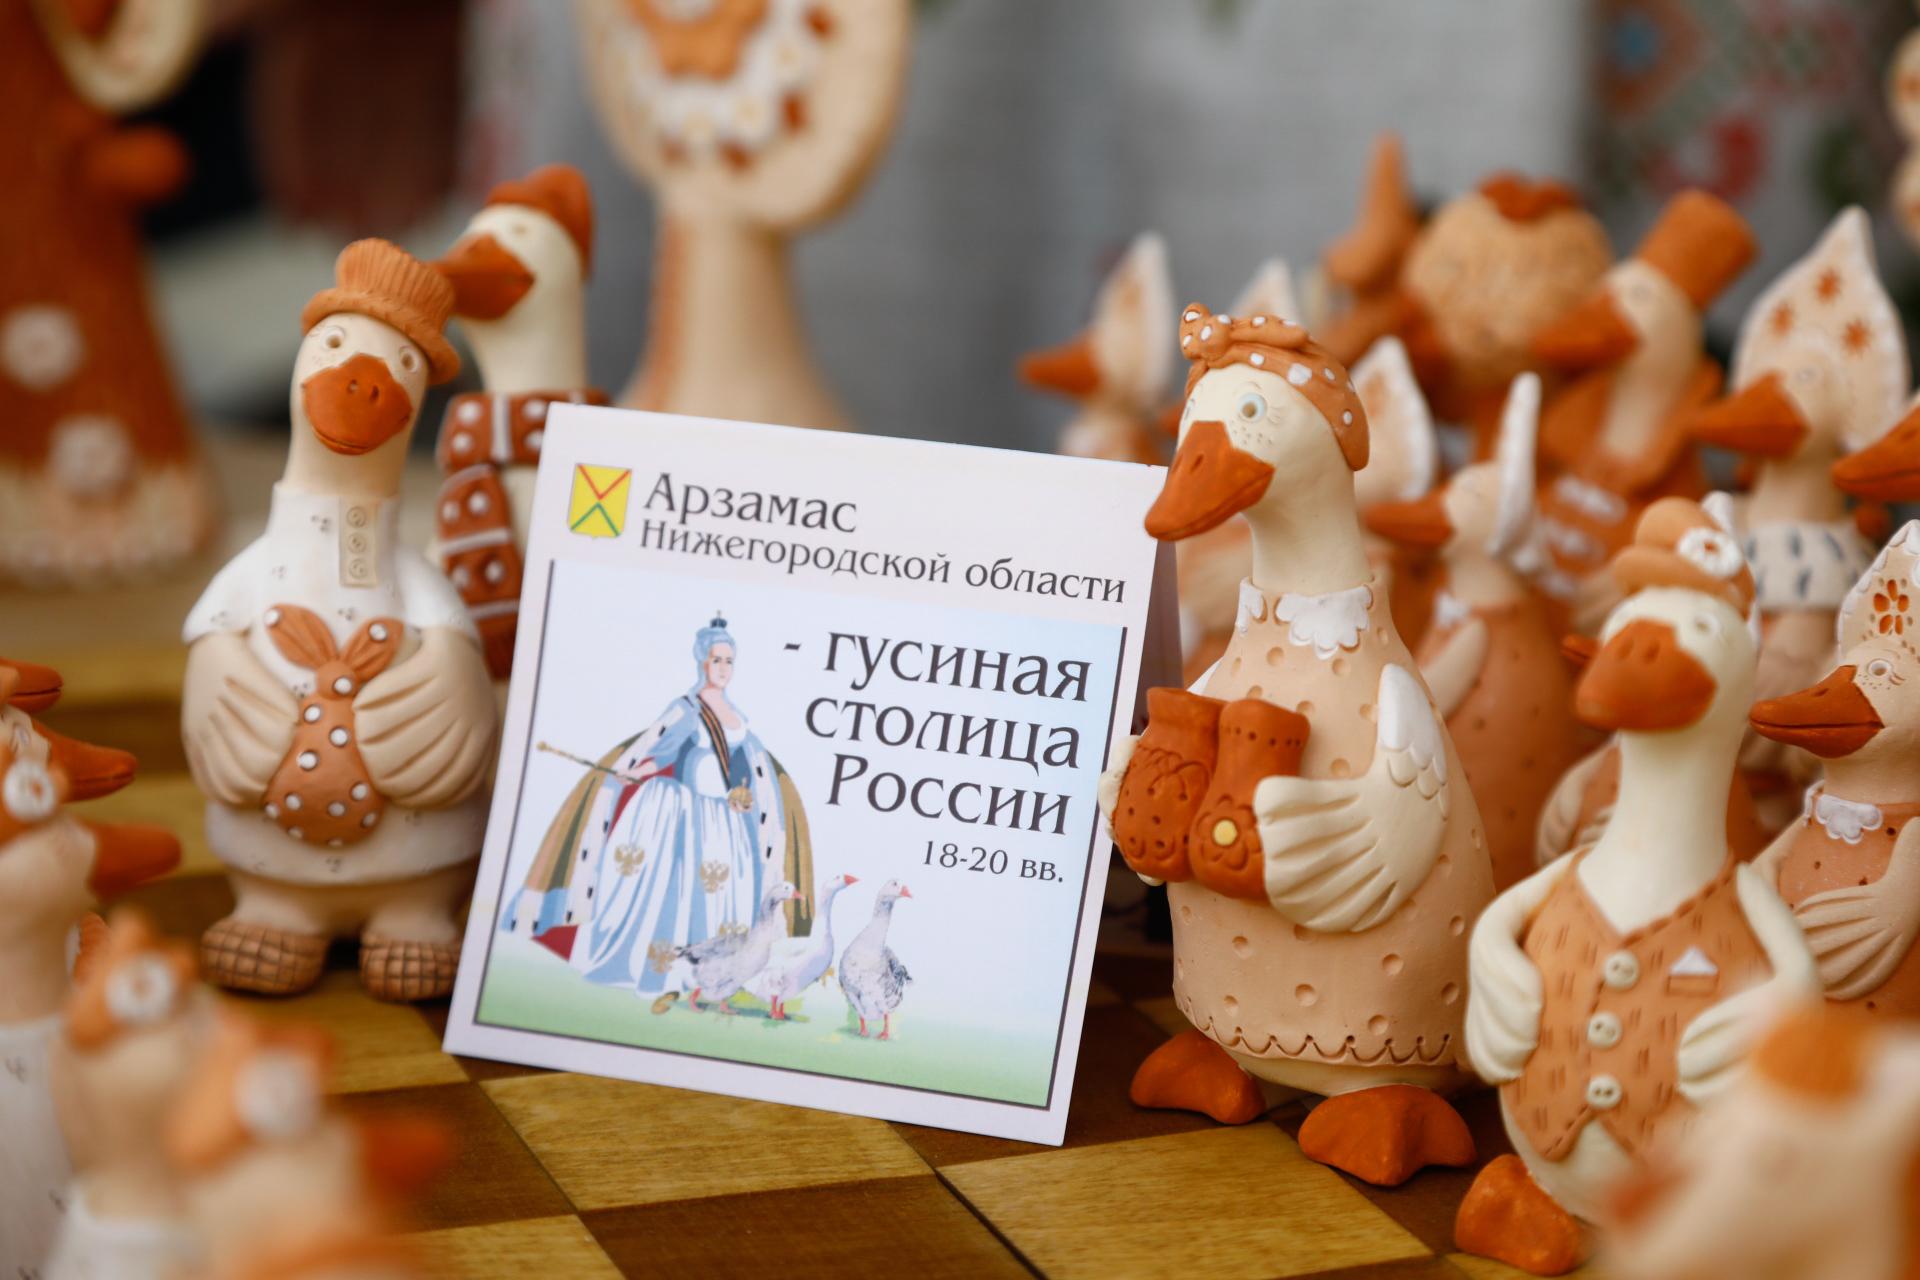 Завершился прием заявок на арзамасский конкурс «Ручная работа»